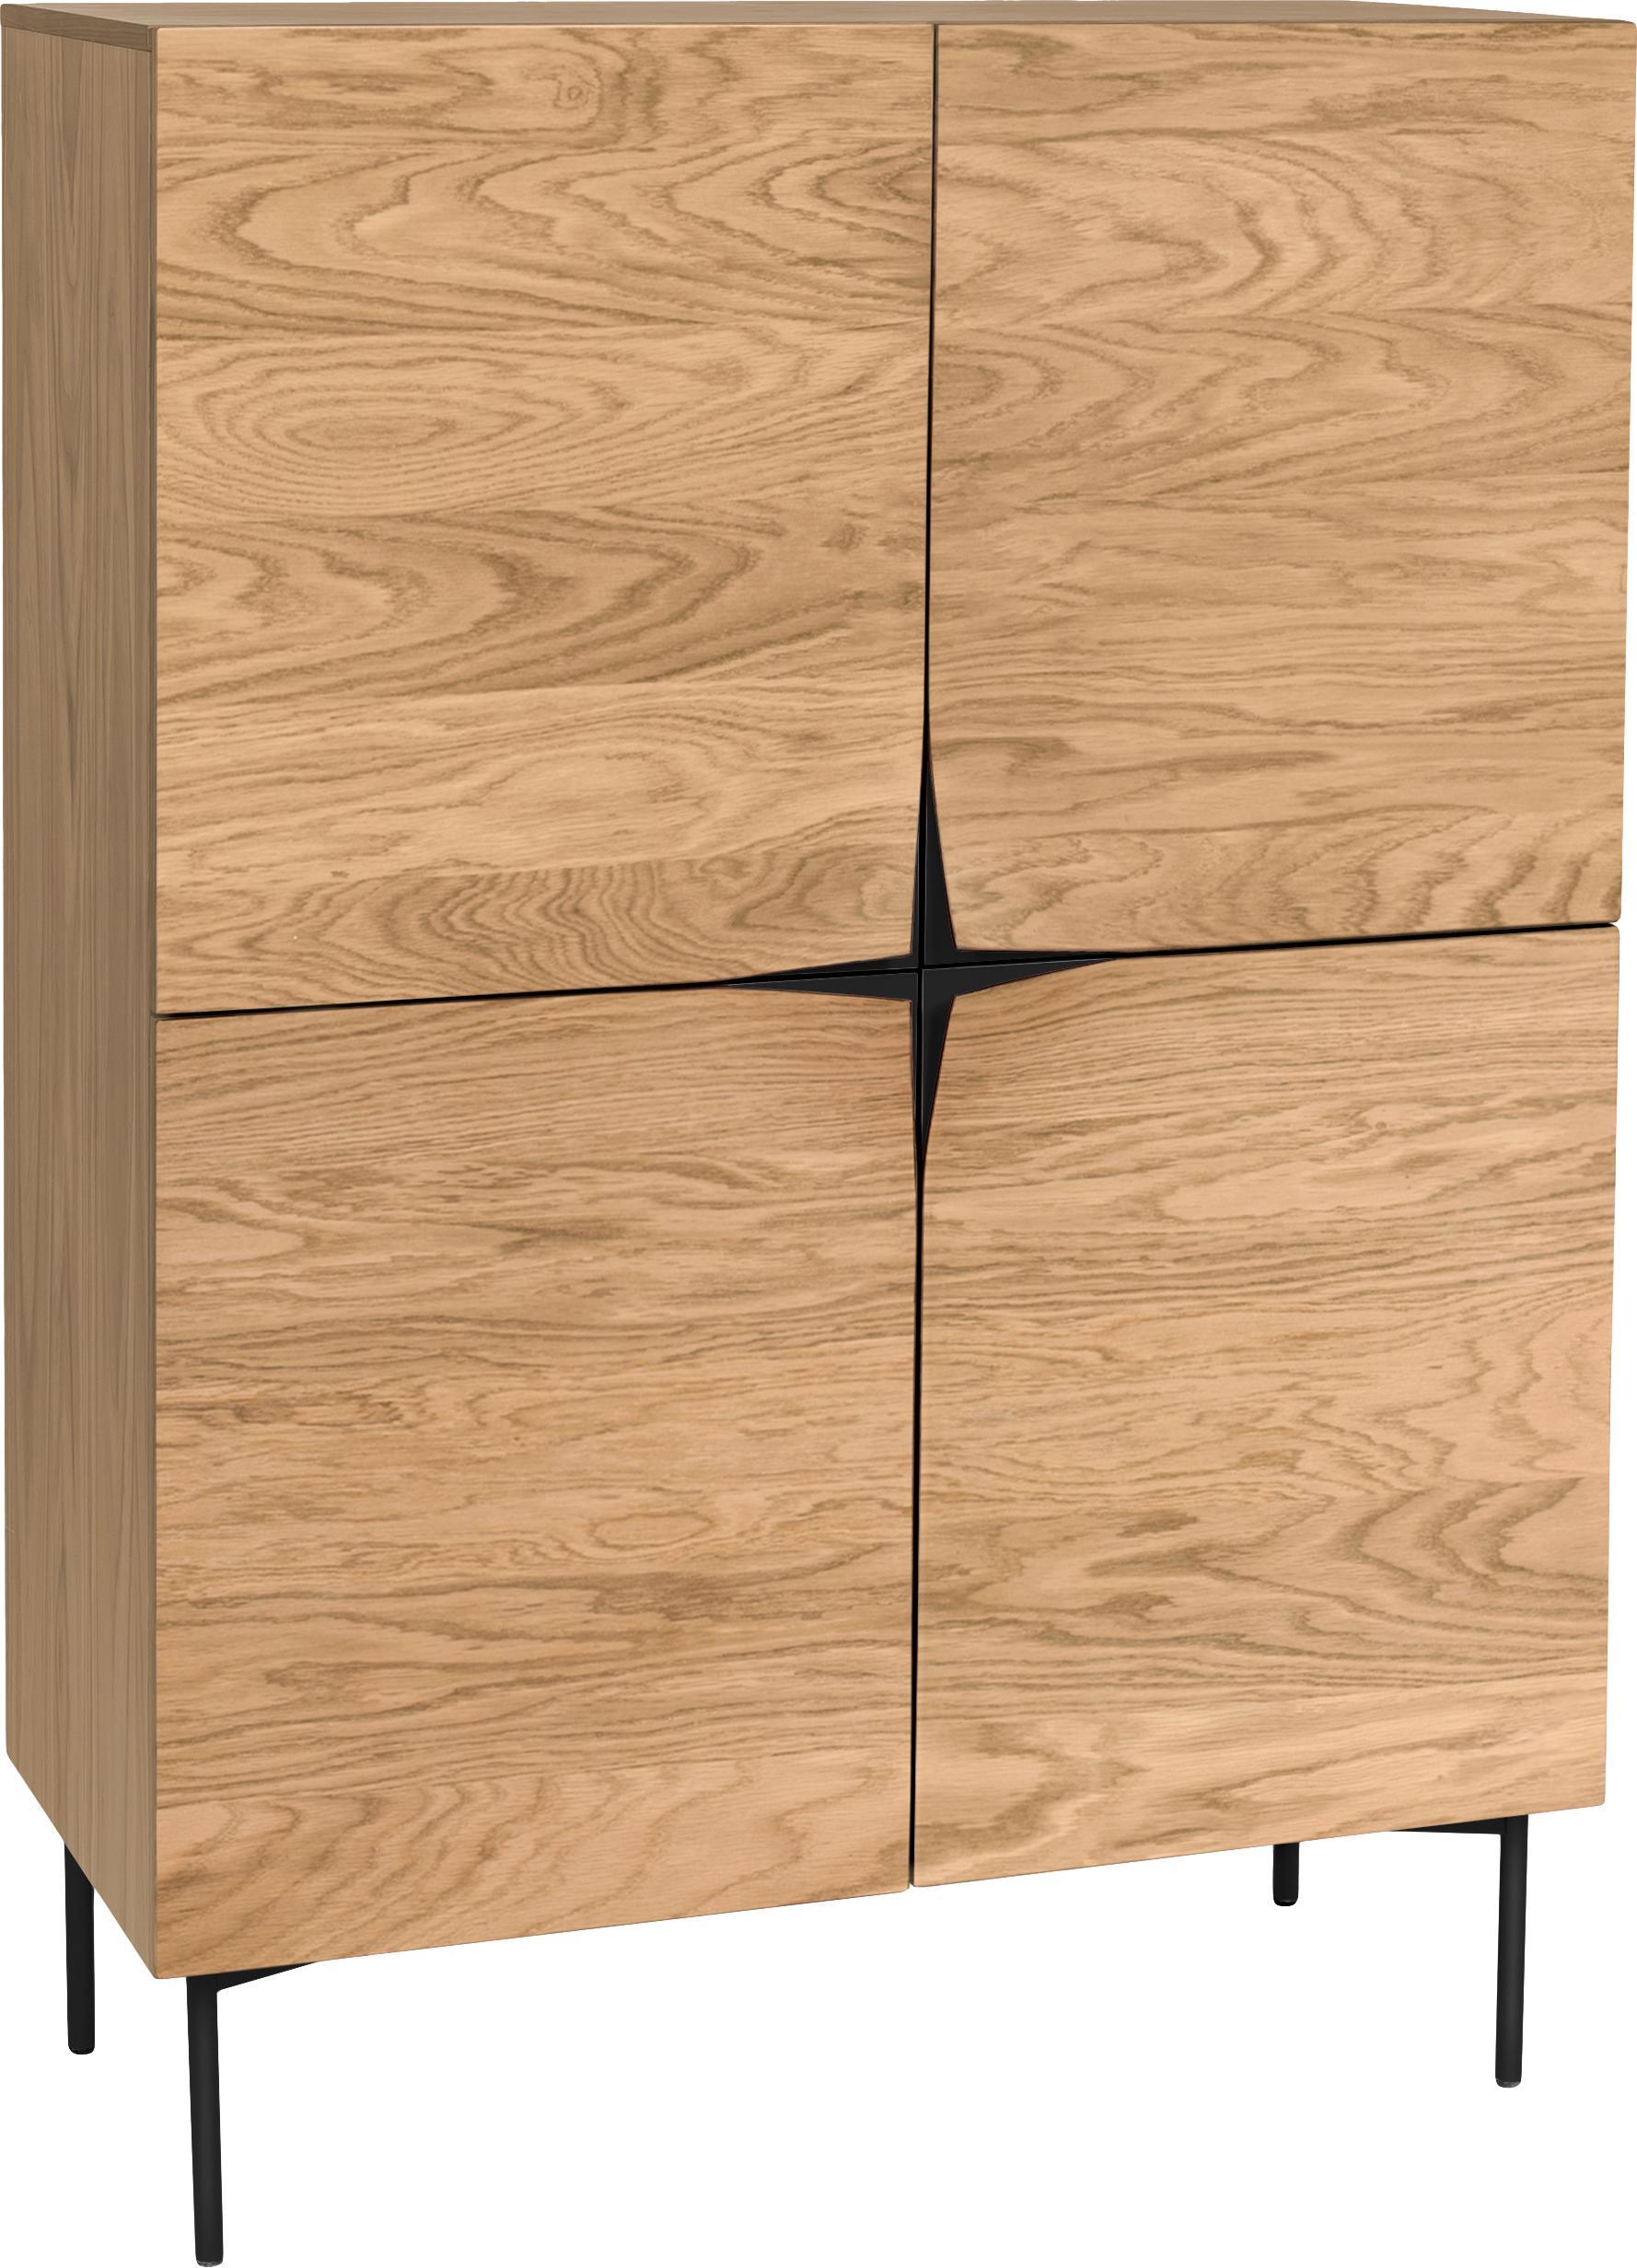 Highboard Filip met eikenhoutfineer, Frame: multiplex met eikenhoutfi, Poten: gepoedercoat metaal, Eikenhoutkleurig, zwart, 100 x 140 cm